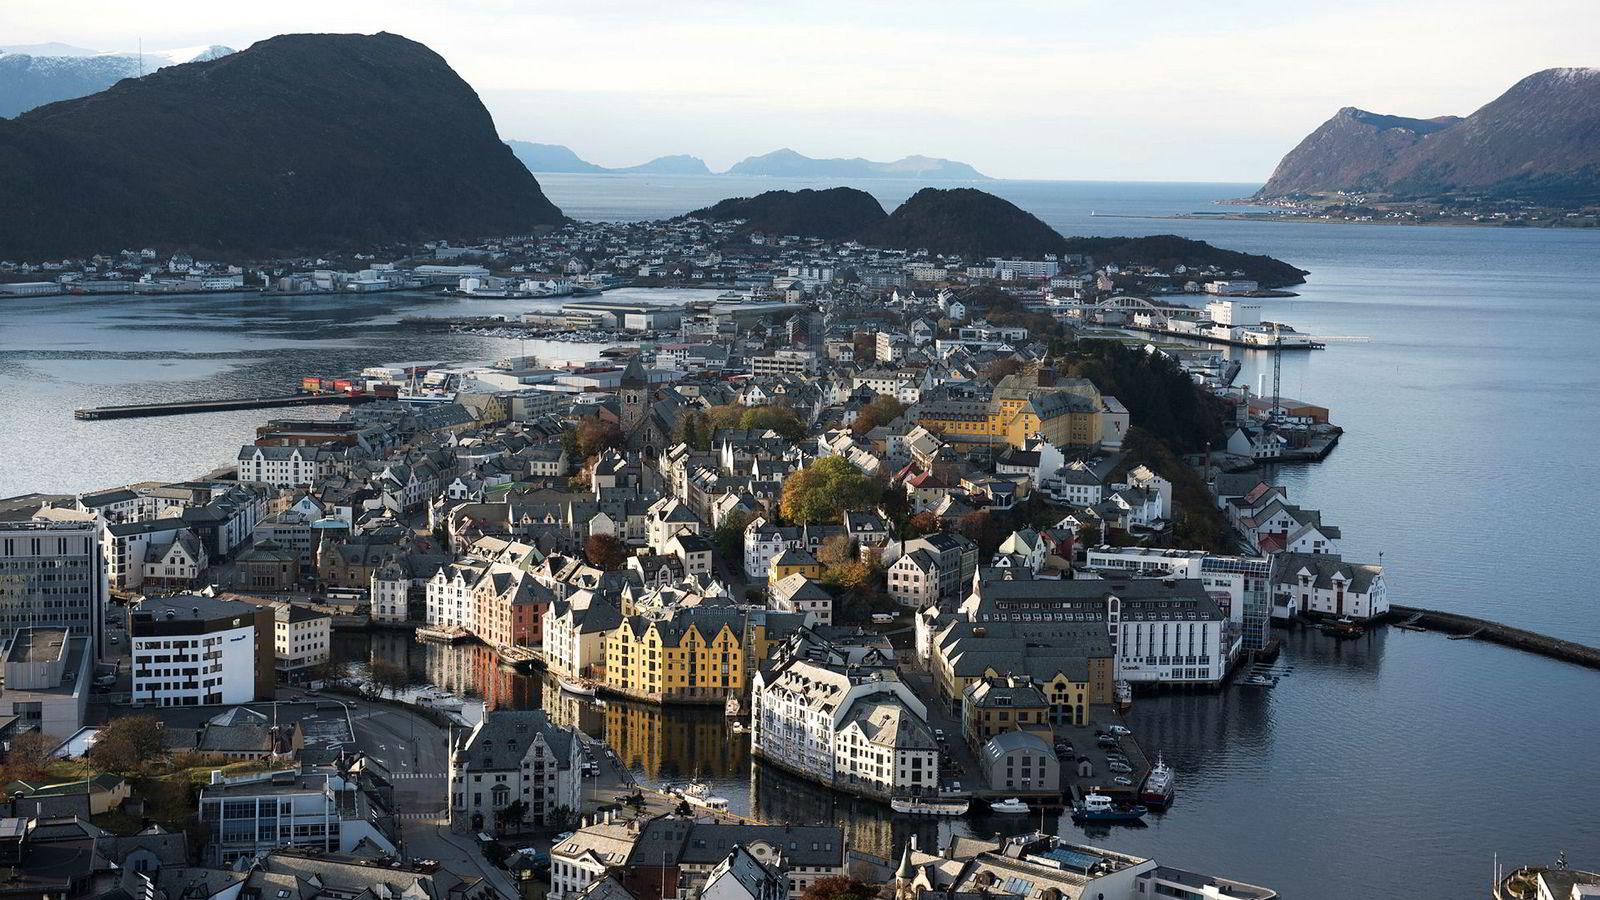 Om fraflyttingen fortsetter, kan det dessuten bli enda mer kostbart per hode å opprettholde velferdstilbudet i småkommunene. Ålesund ligger som nummer 17 på kommune-NM sin liste over 2019.